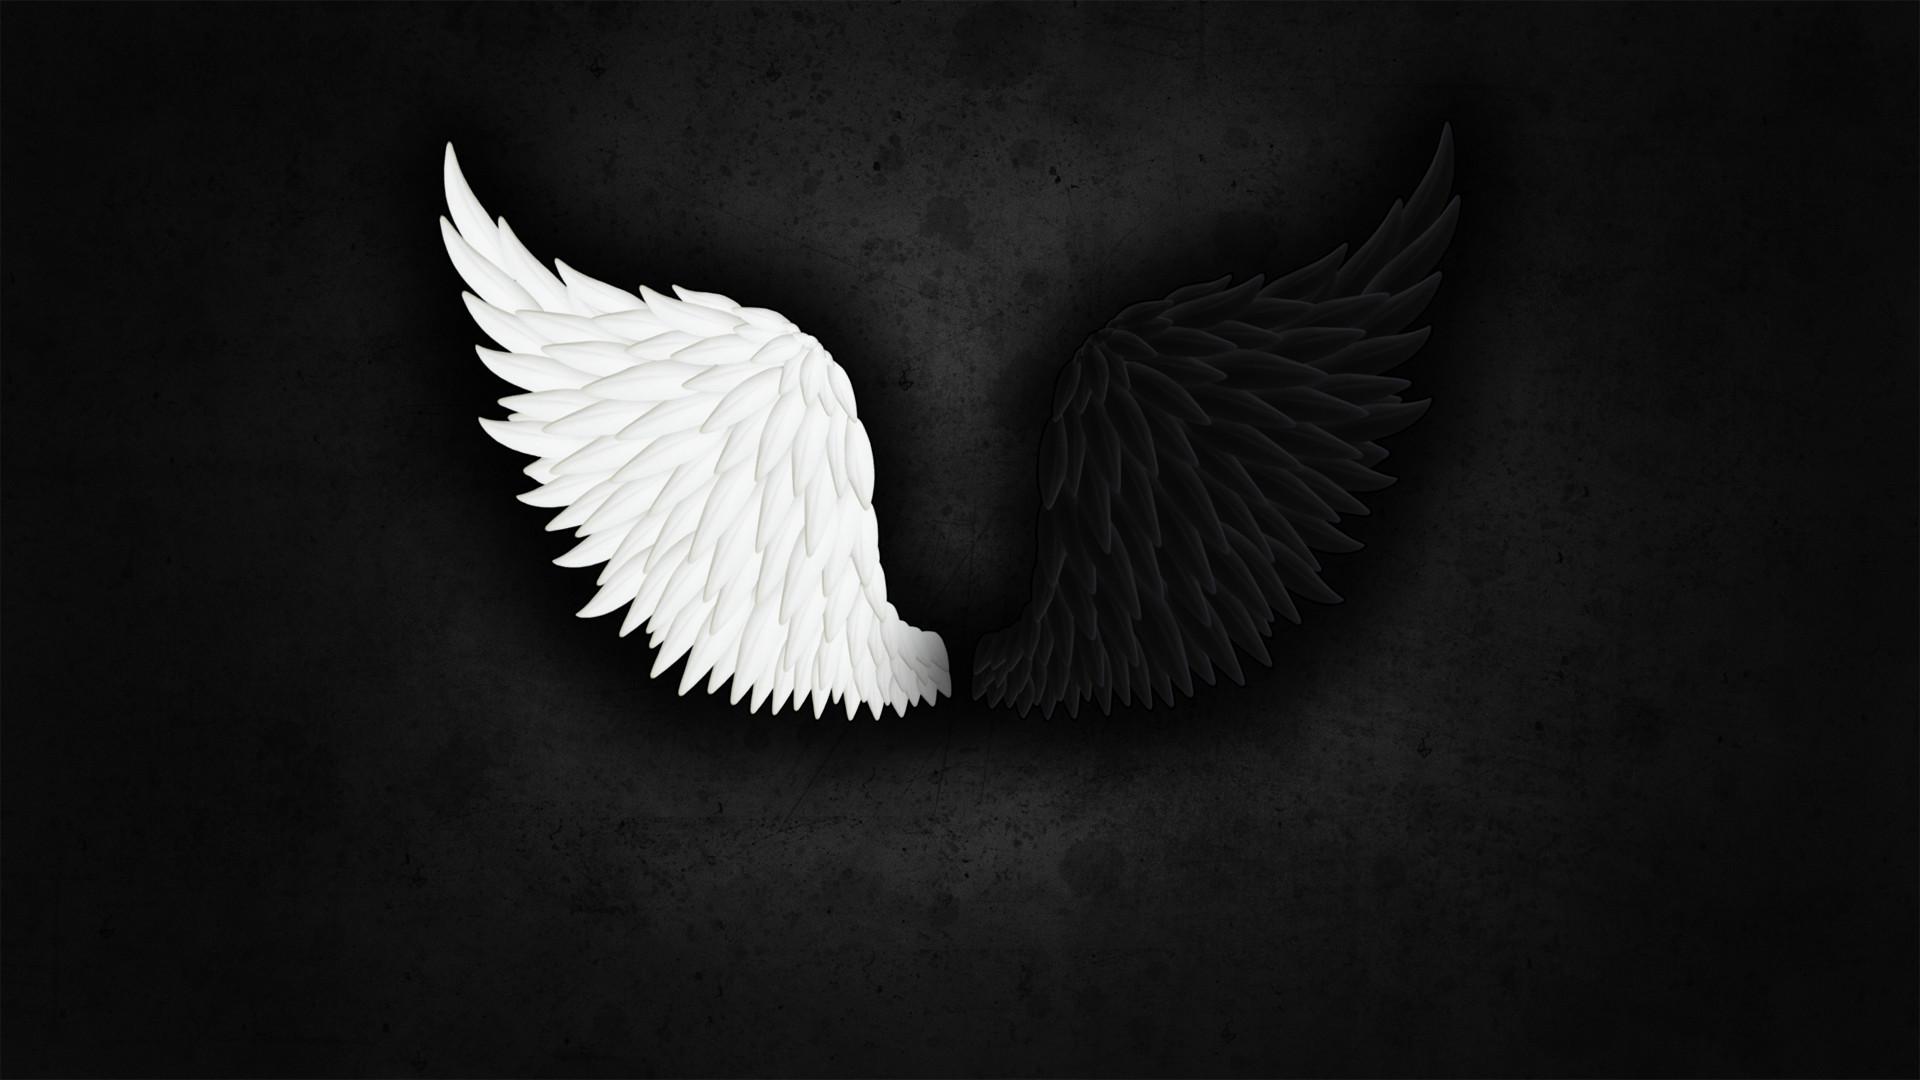 Dark Angel Wallpaper Modern Talking Just Like An Angel